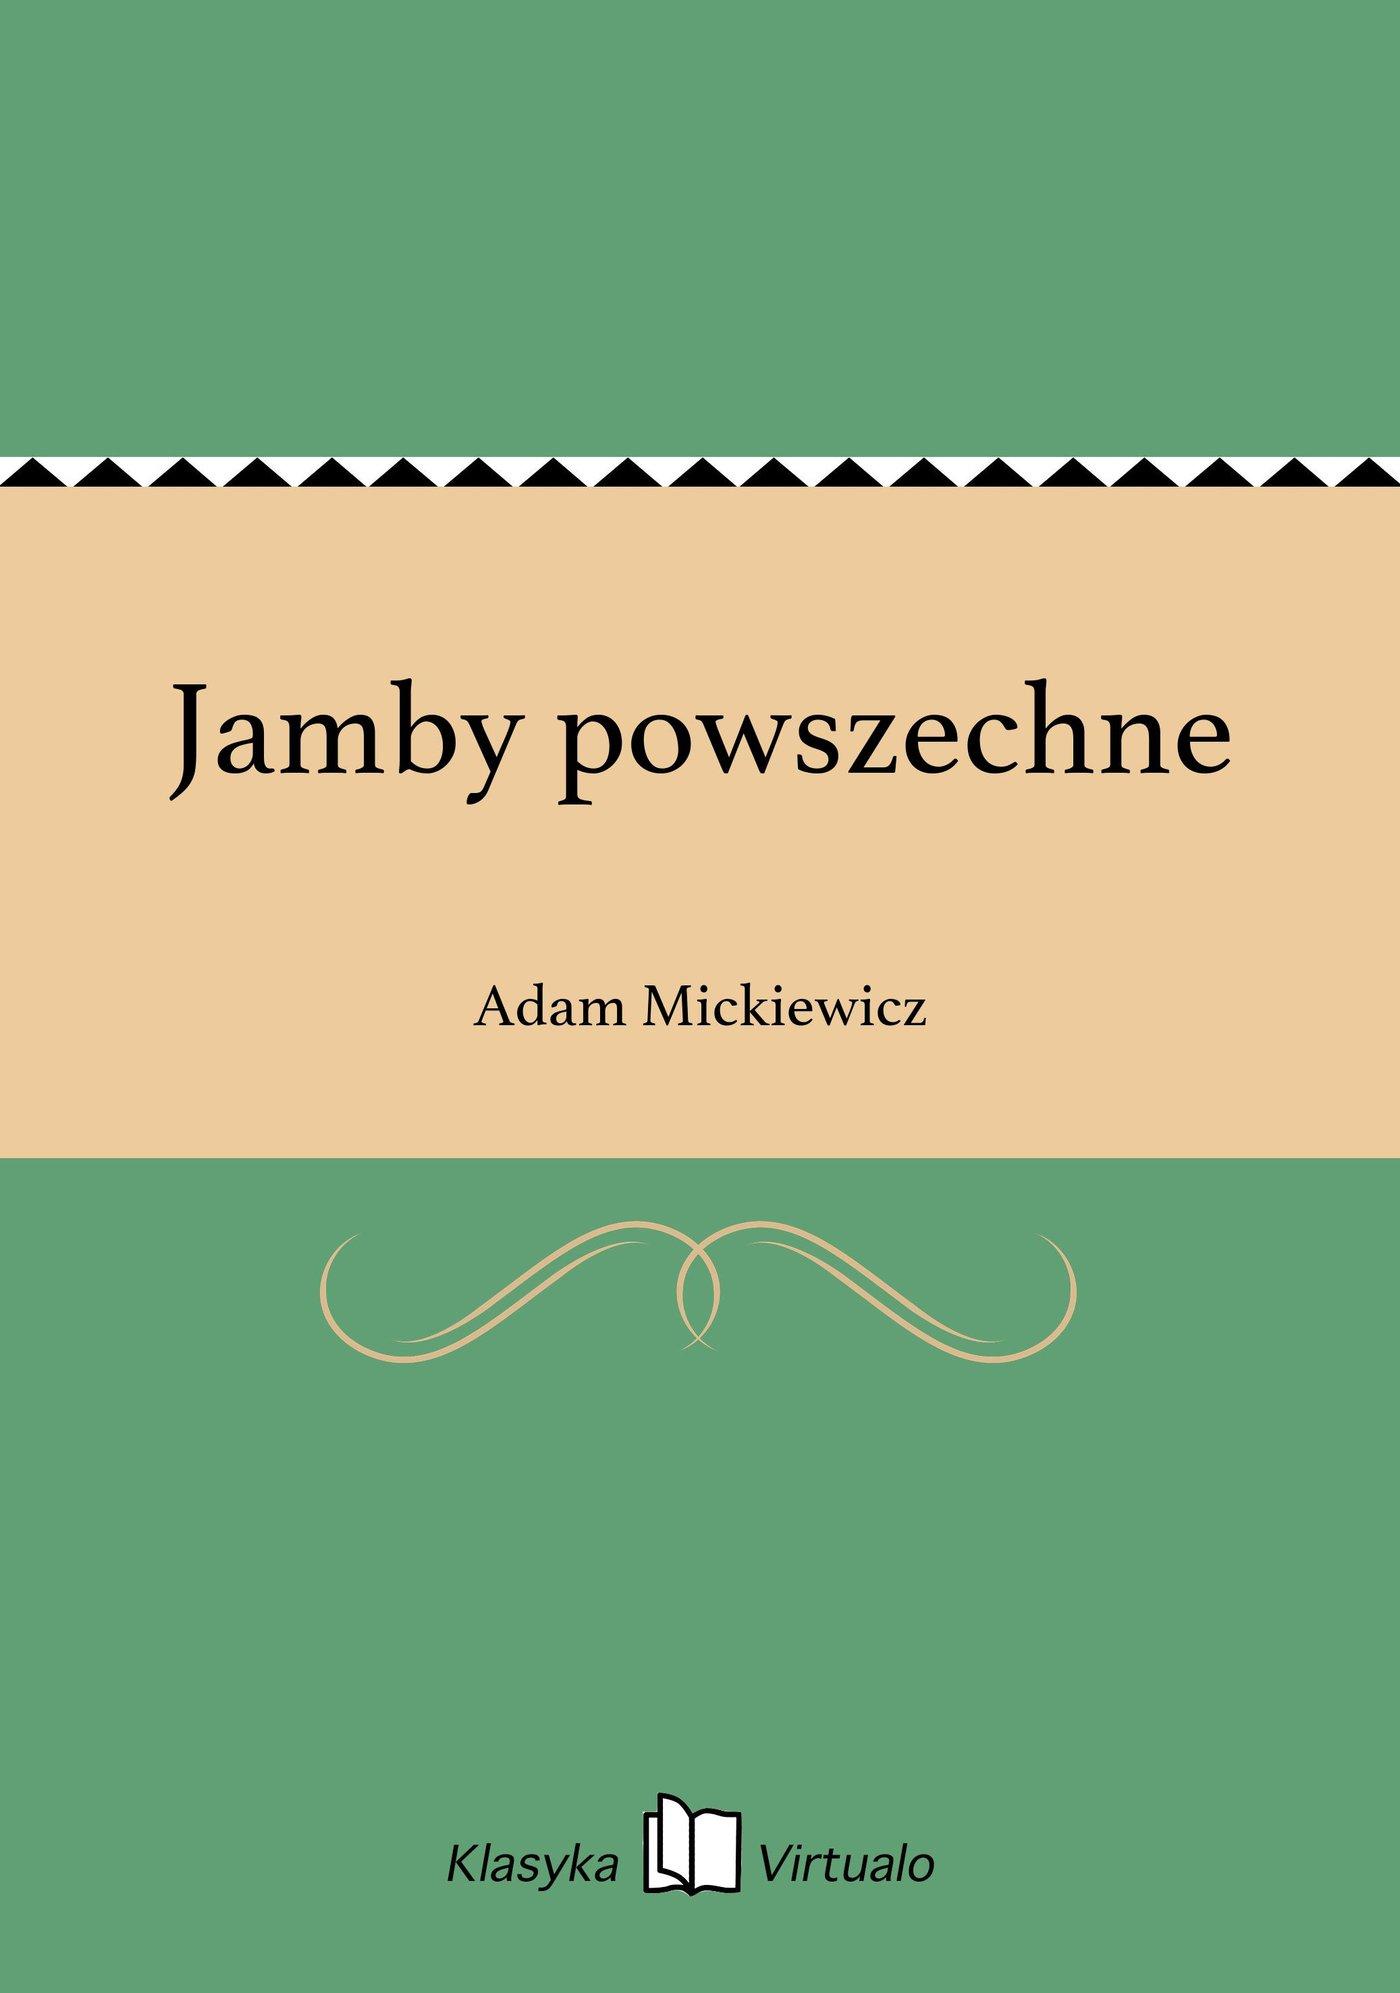 Jamby powszechne - Ebook (Książka EPUB) do pobrania w formacie EPUB